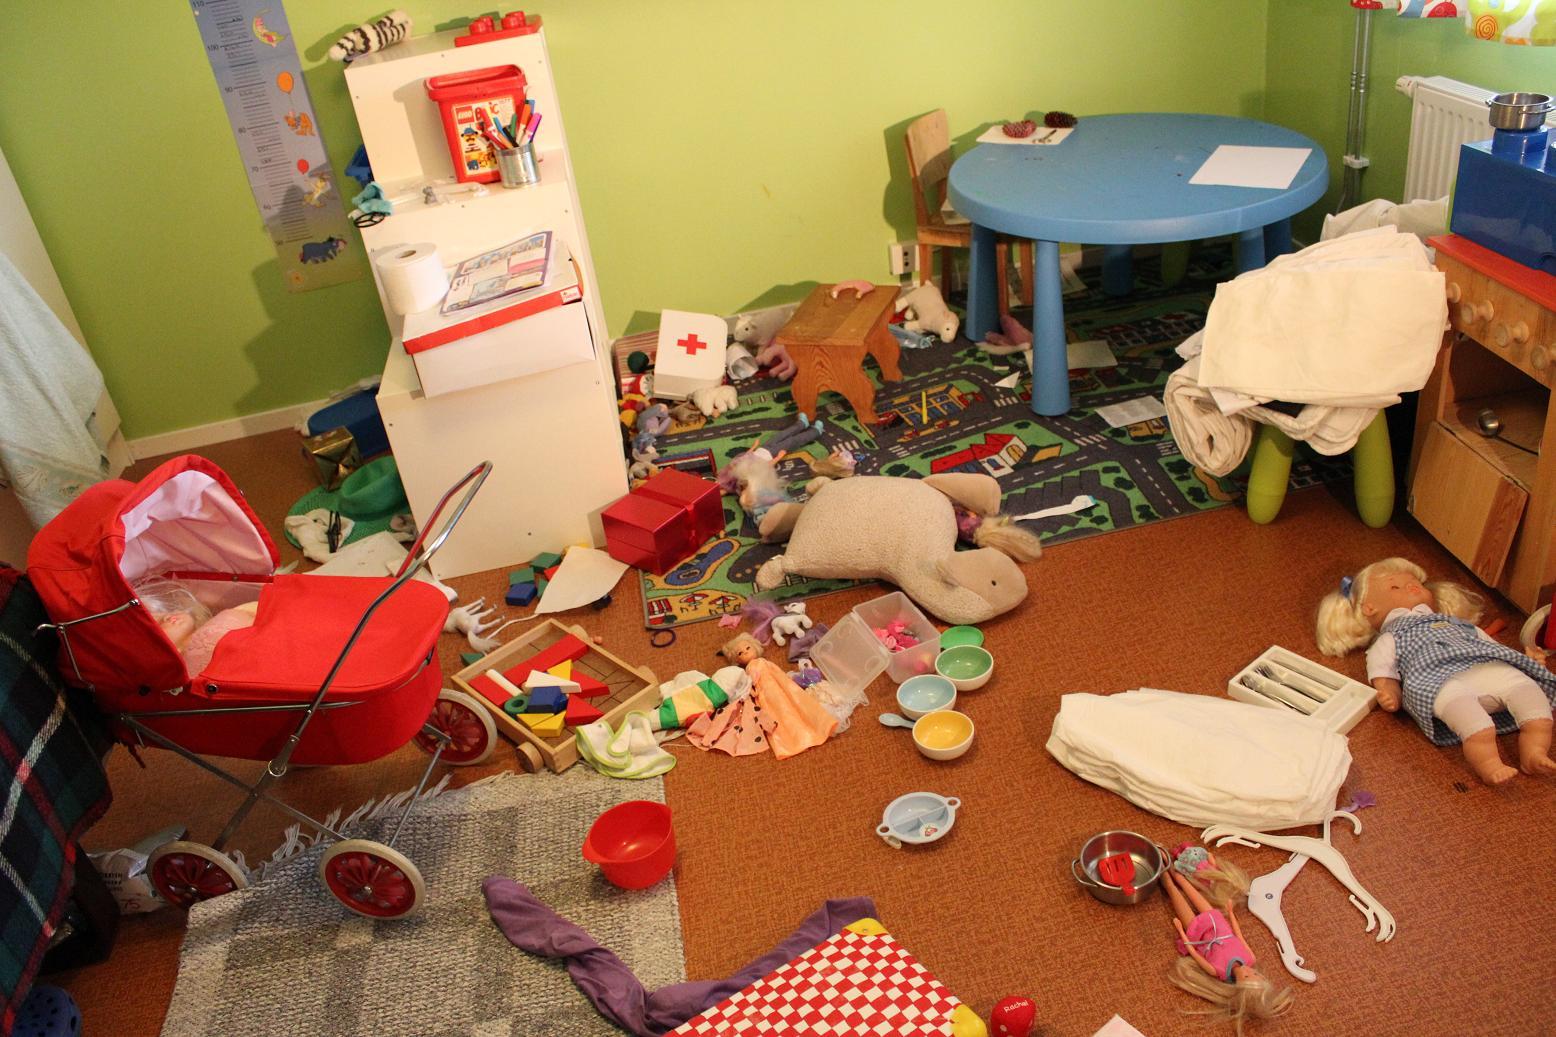 Livet med ständigt kaos – gellabella.wordpress.com